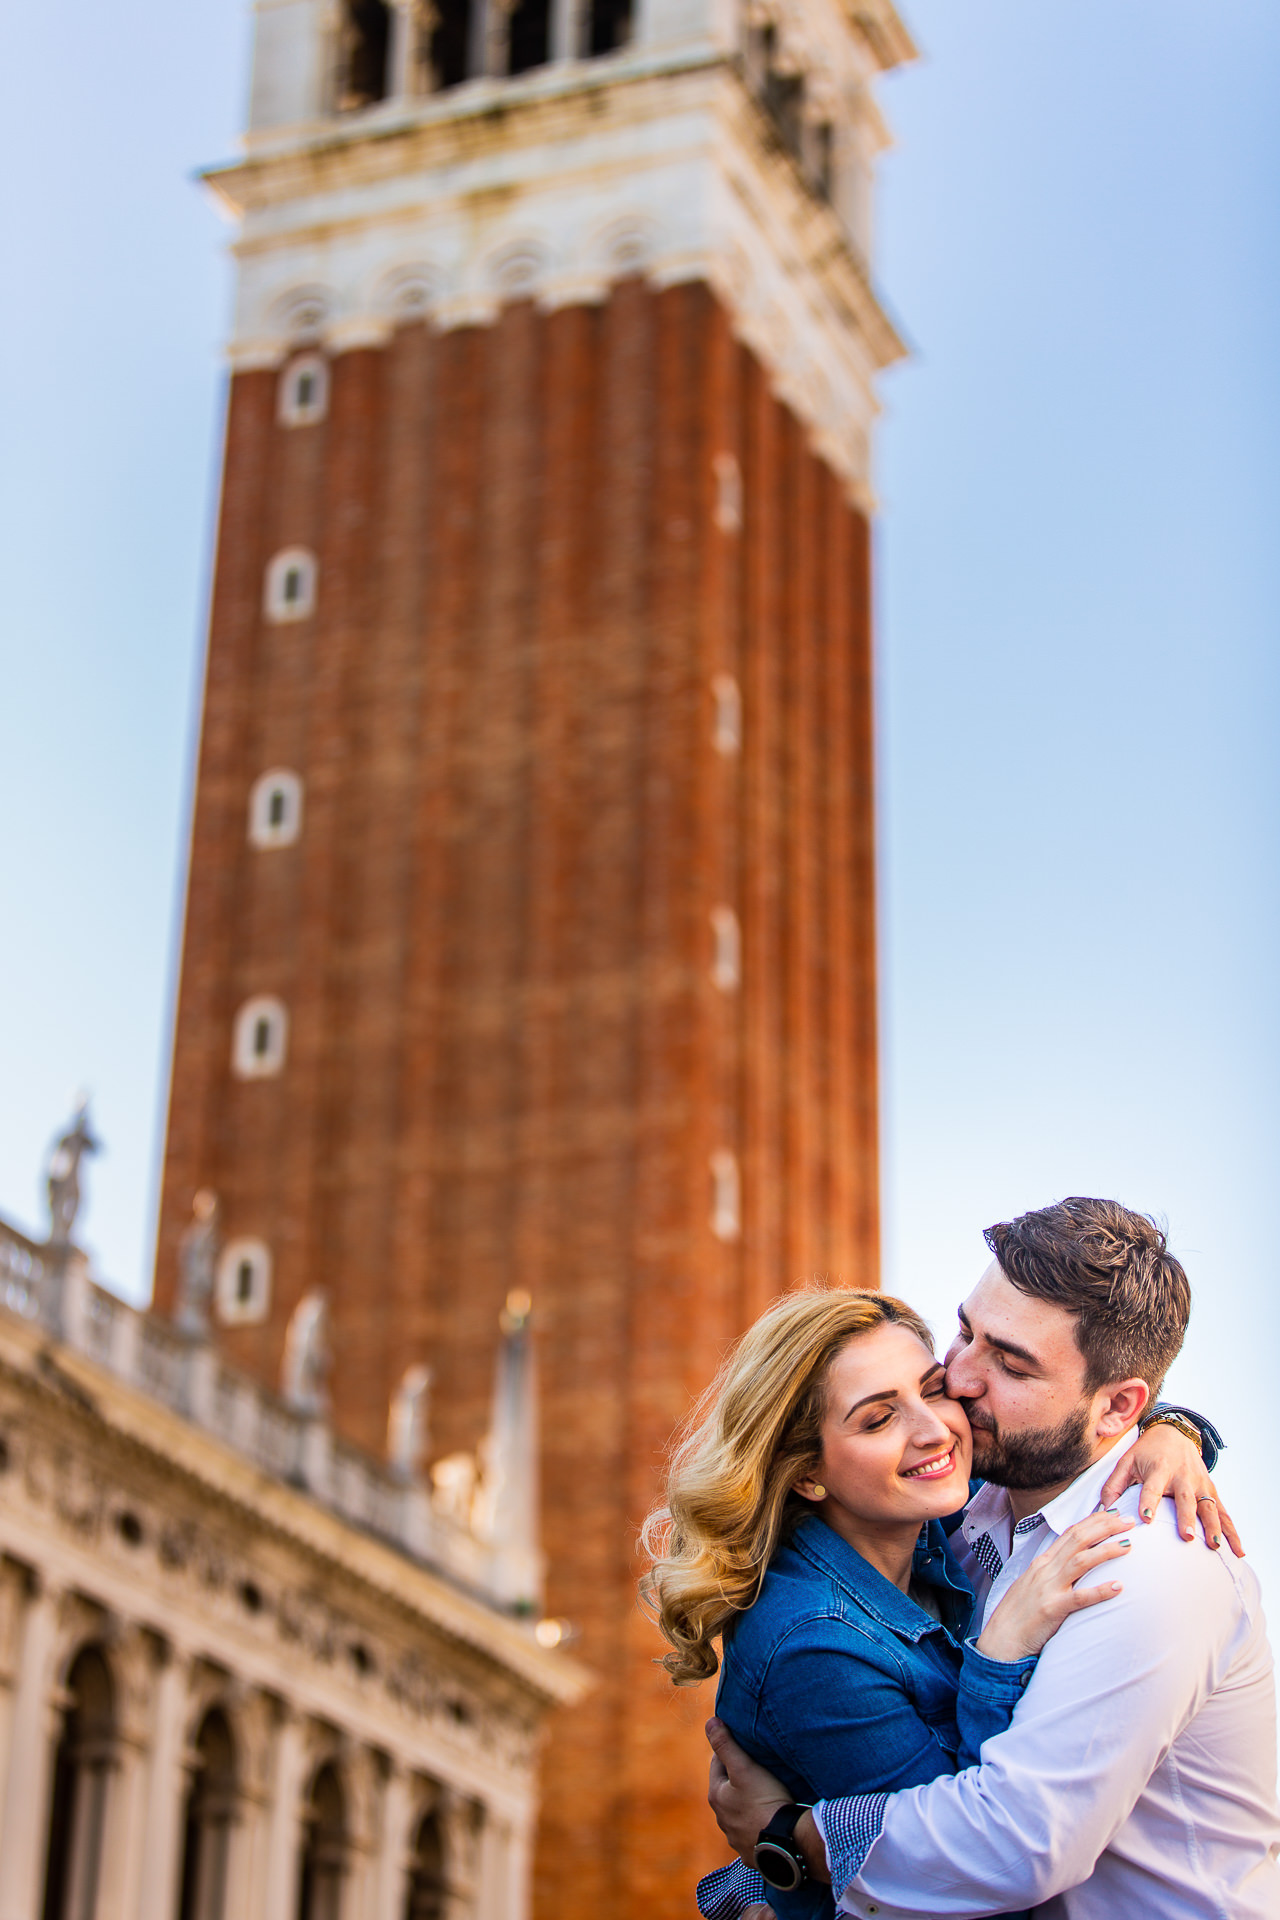 Sedinta foto de cuplu in Venetia - Raluca si Costin - Mihai Zaharia Photography - 02